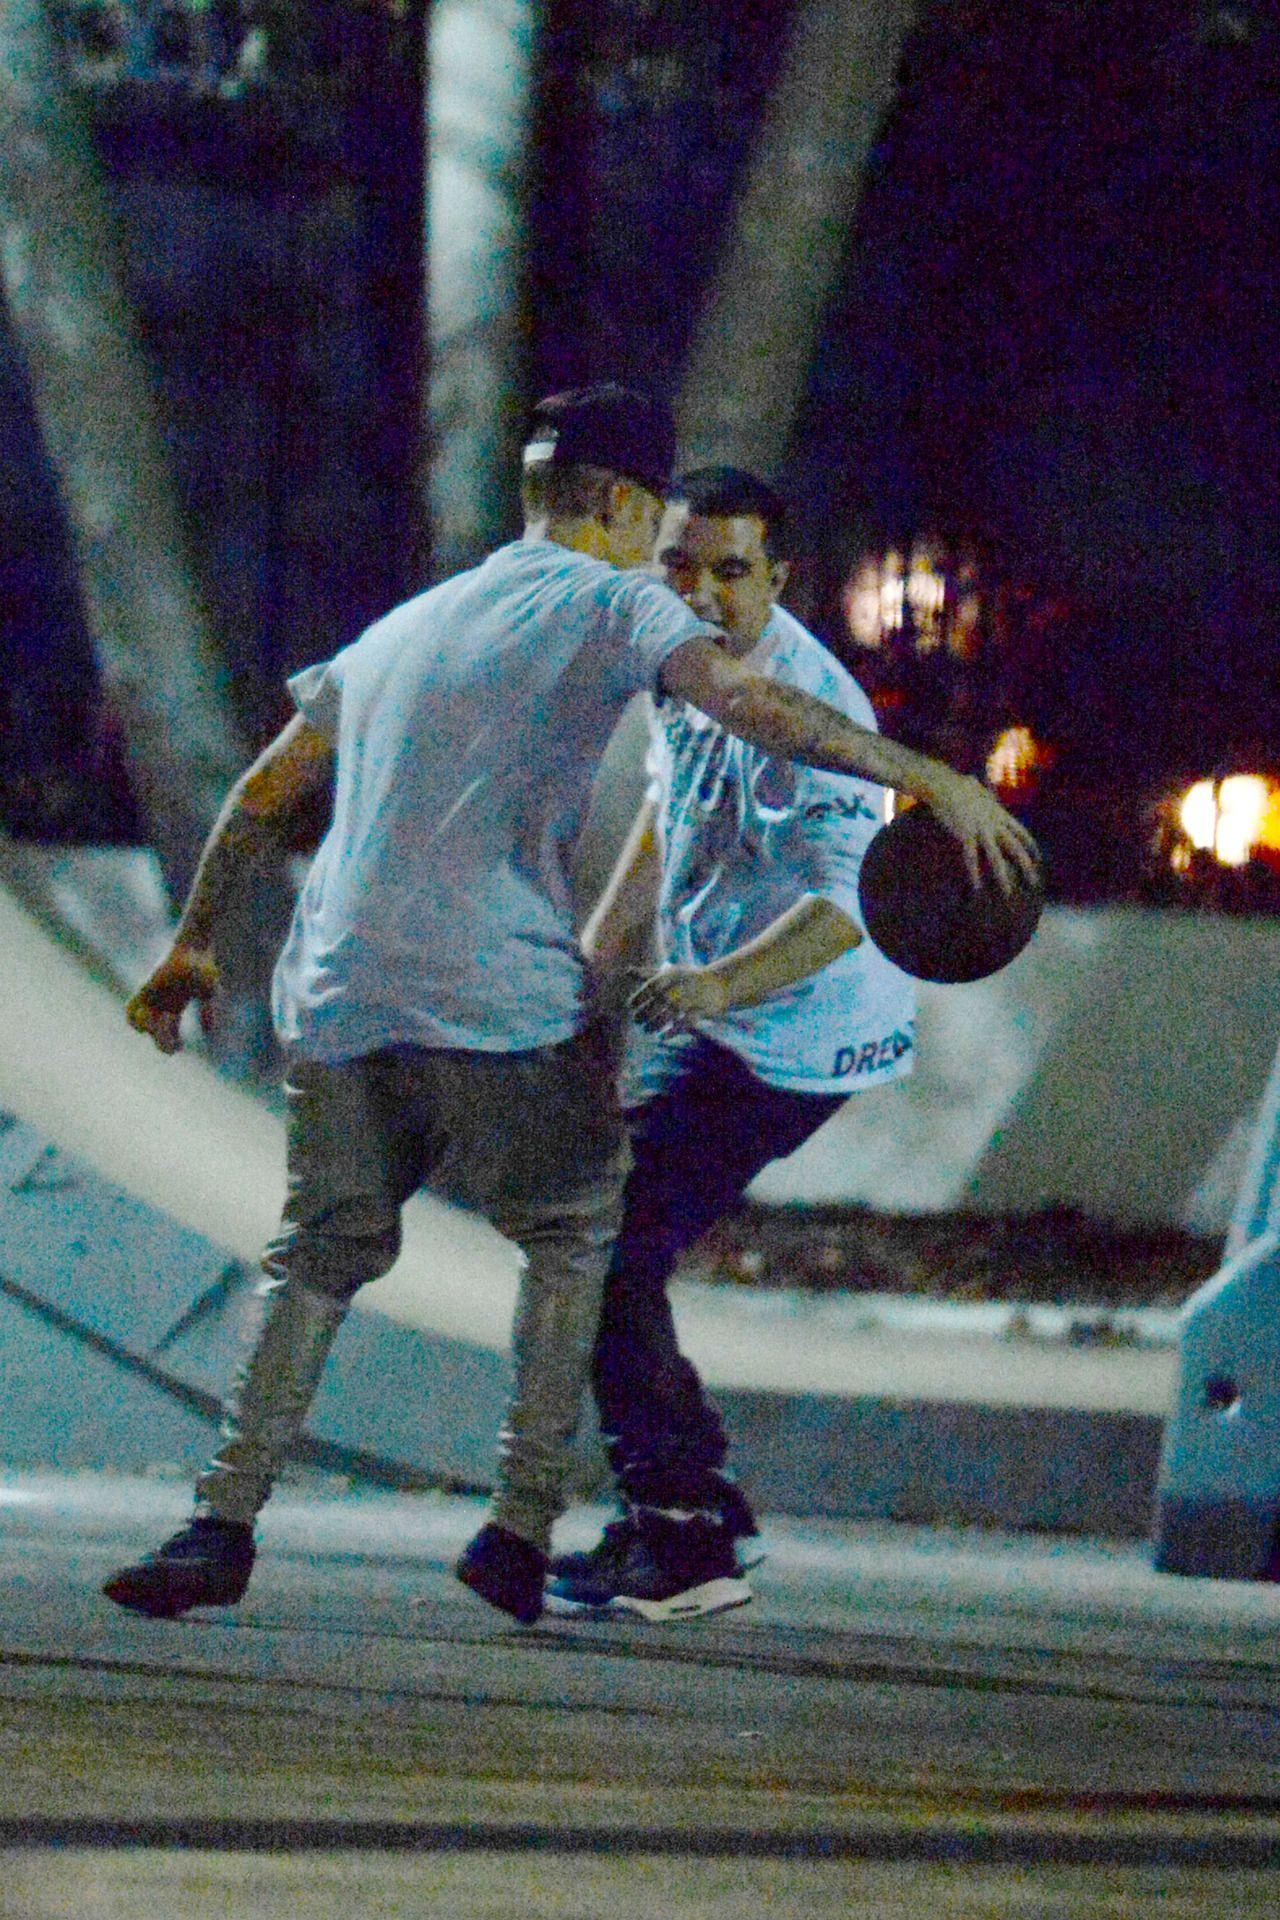 Justin in Miami